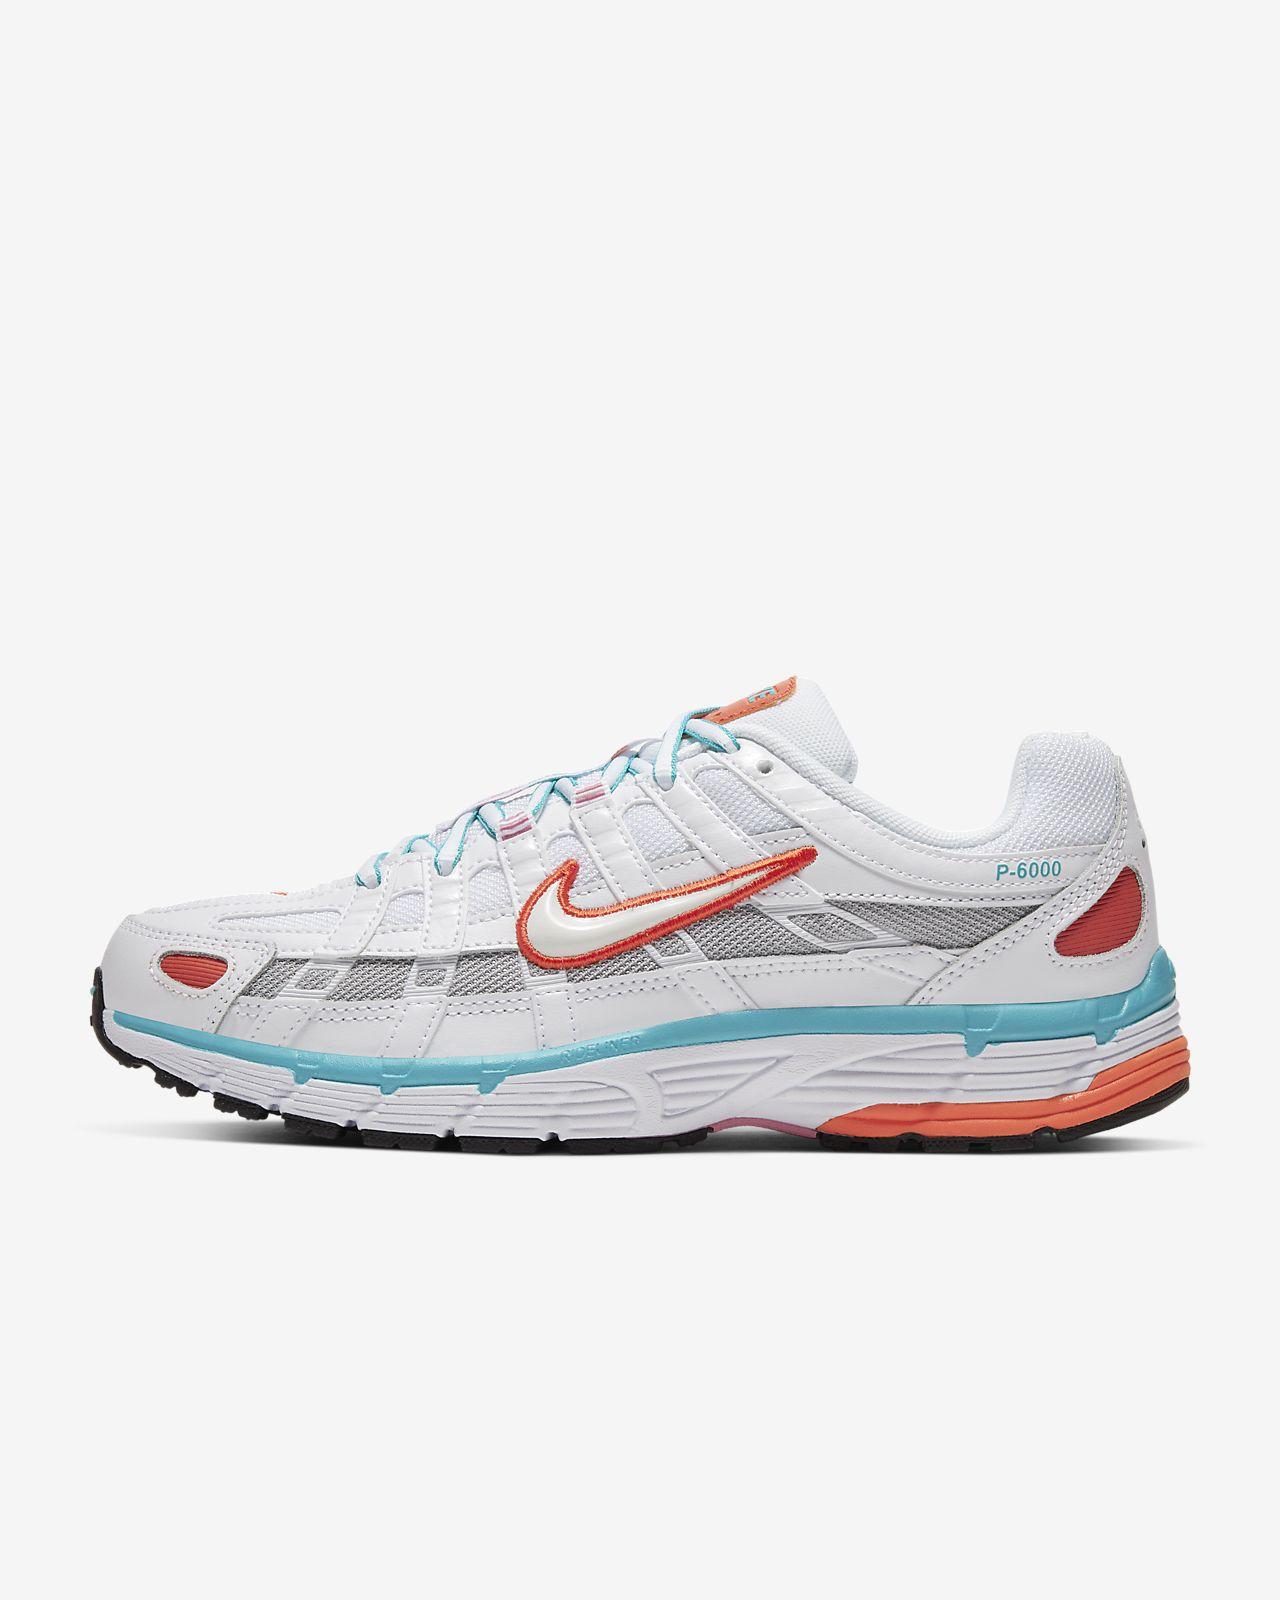 Nike P 6000 Low Top Sneaker